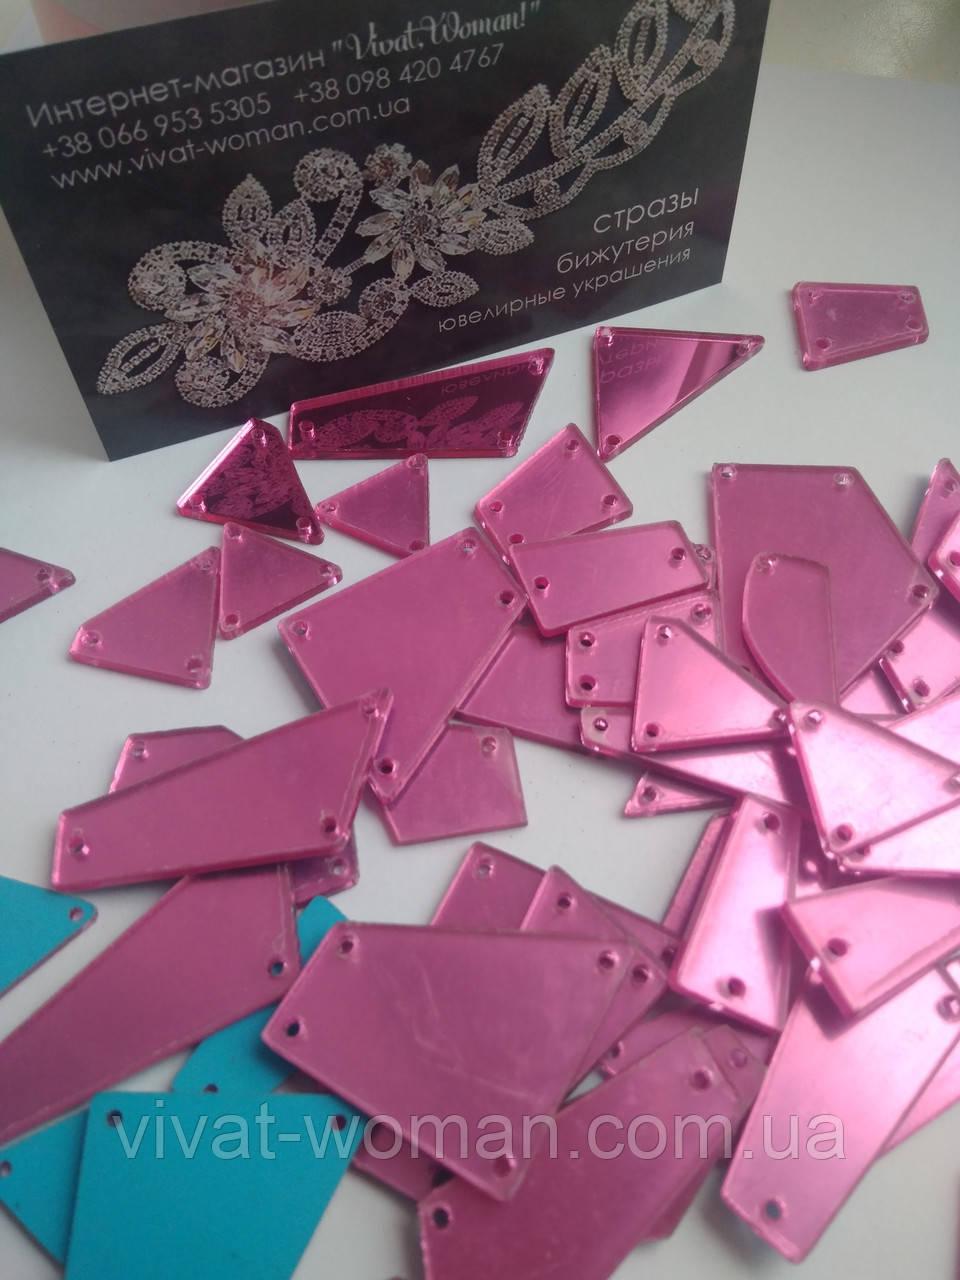 Дзеркальні пришивні стрази Rose (рожеві), мікс. 50 штук в уп.